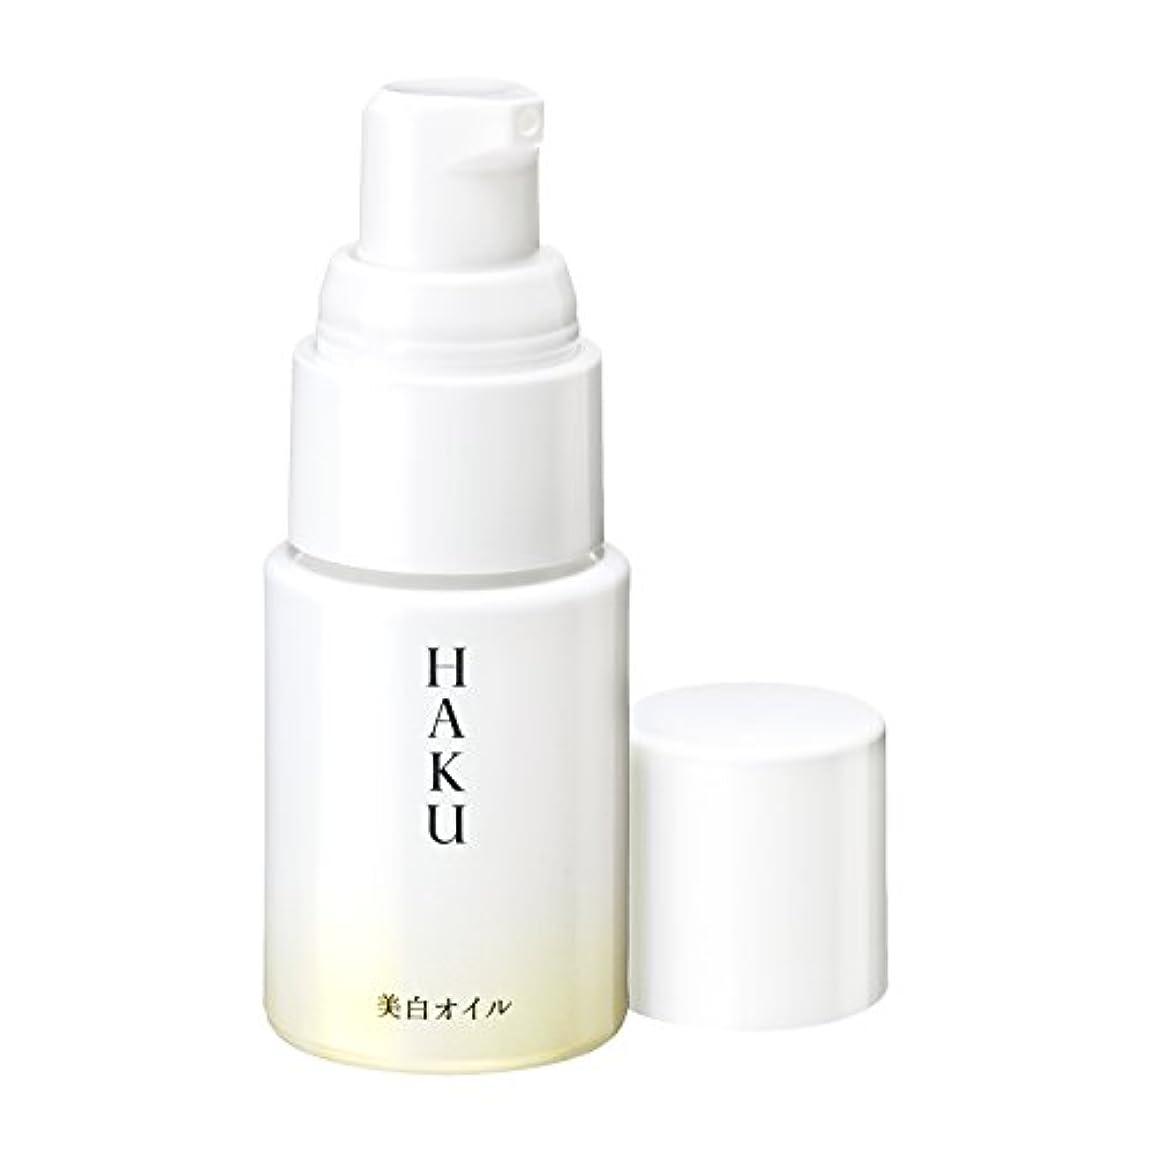 HAKU メラノディープオイル (美白オイル) 15mL [医薬部外品]